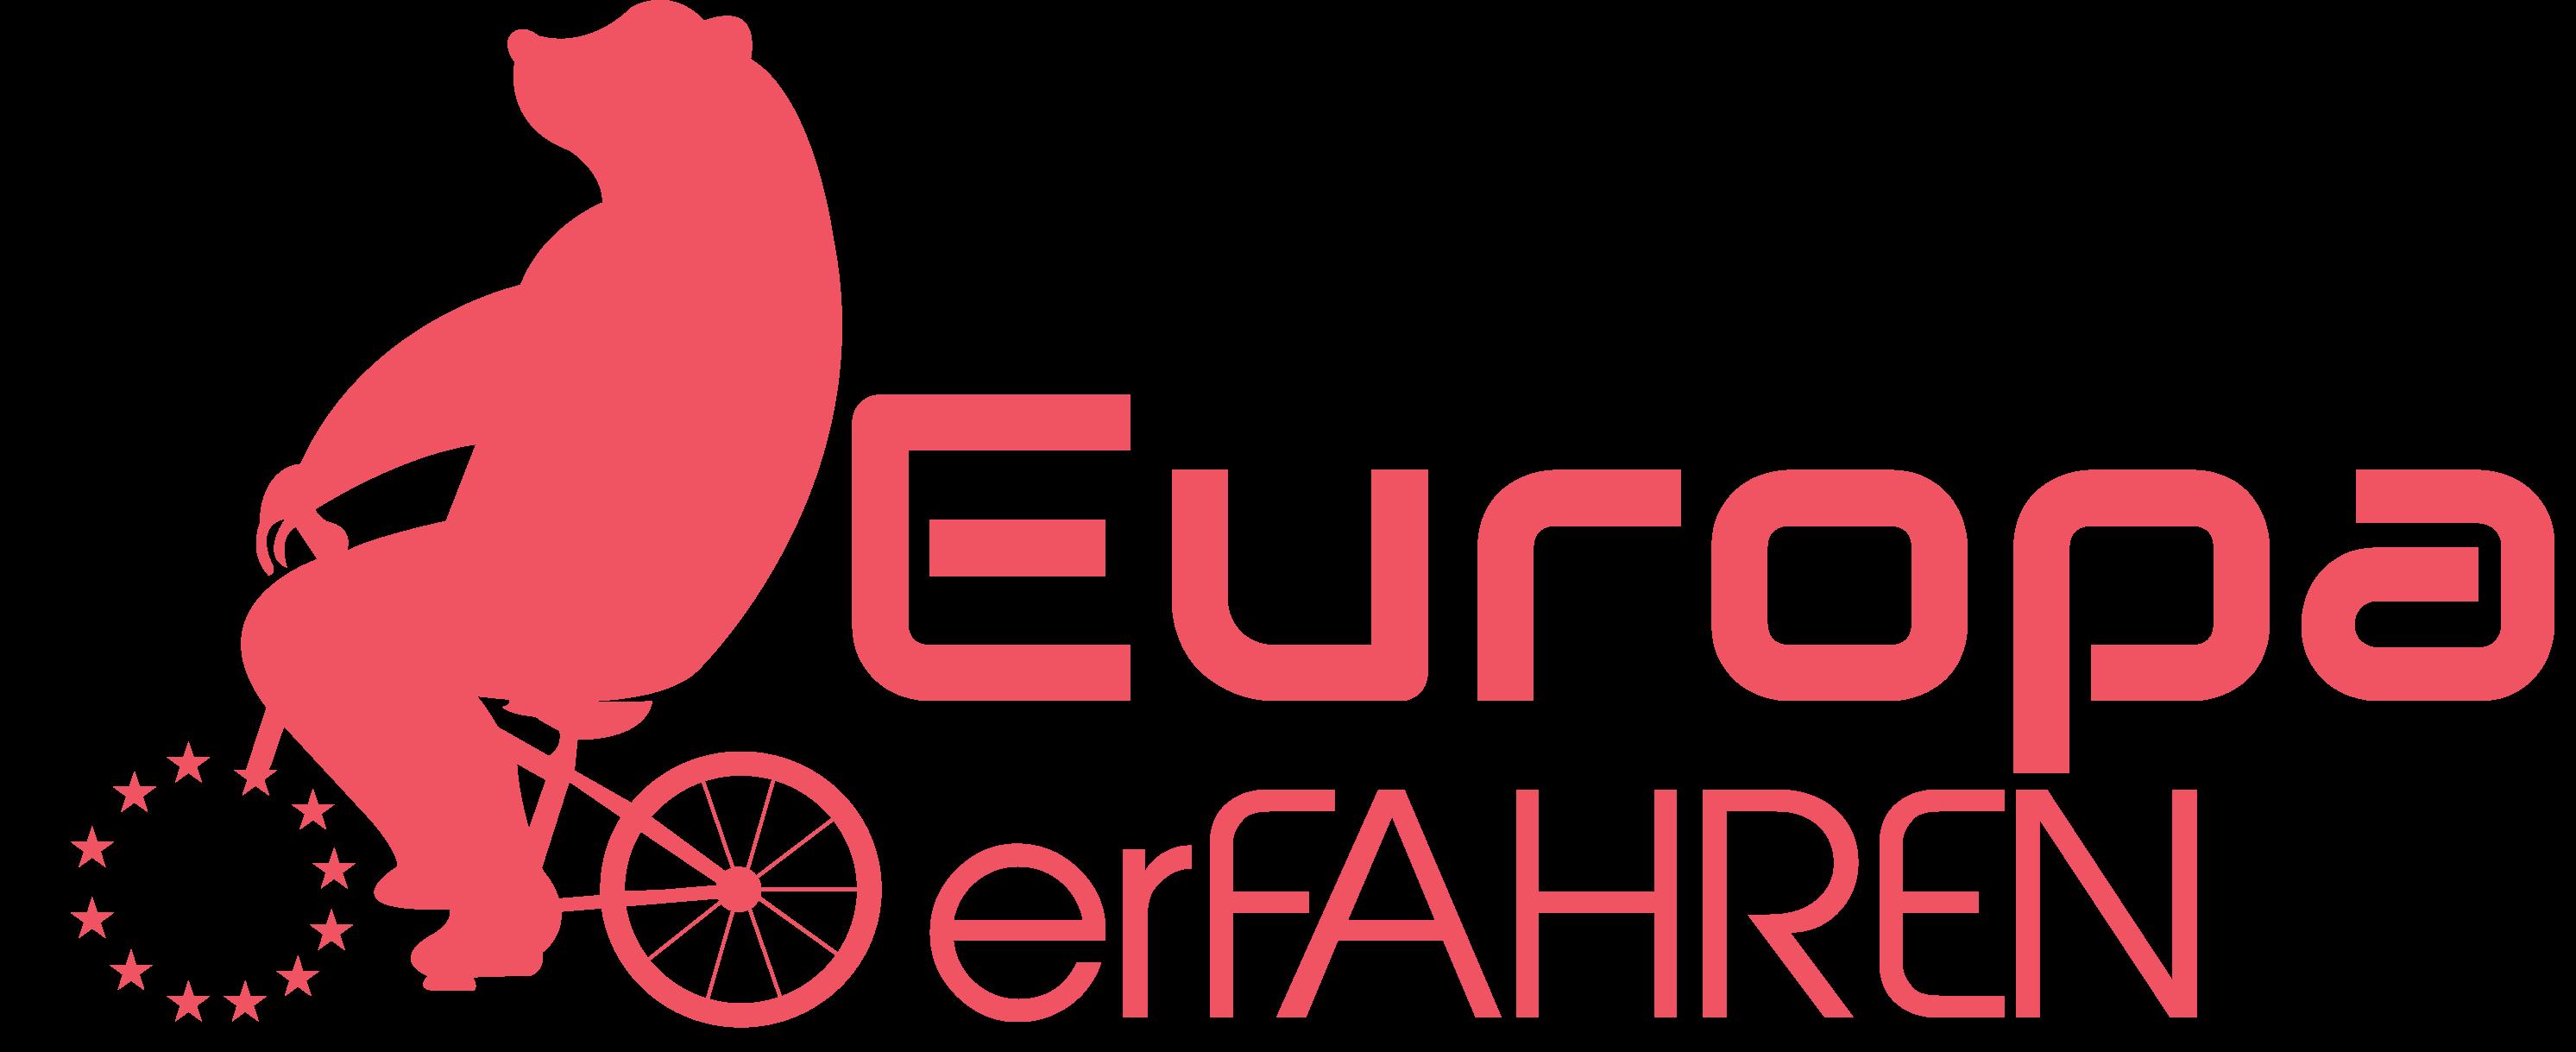 europaerfahren.eu